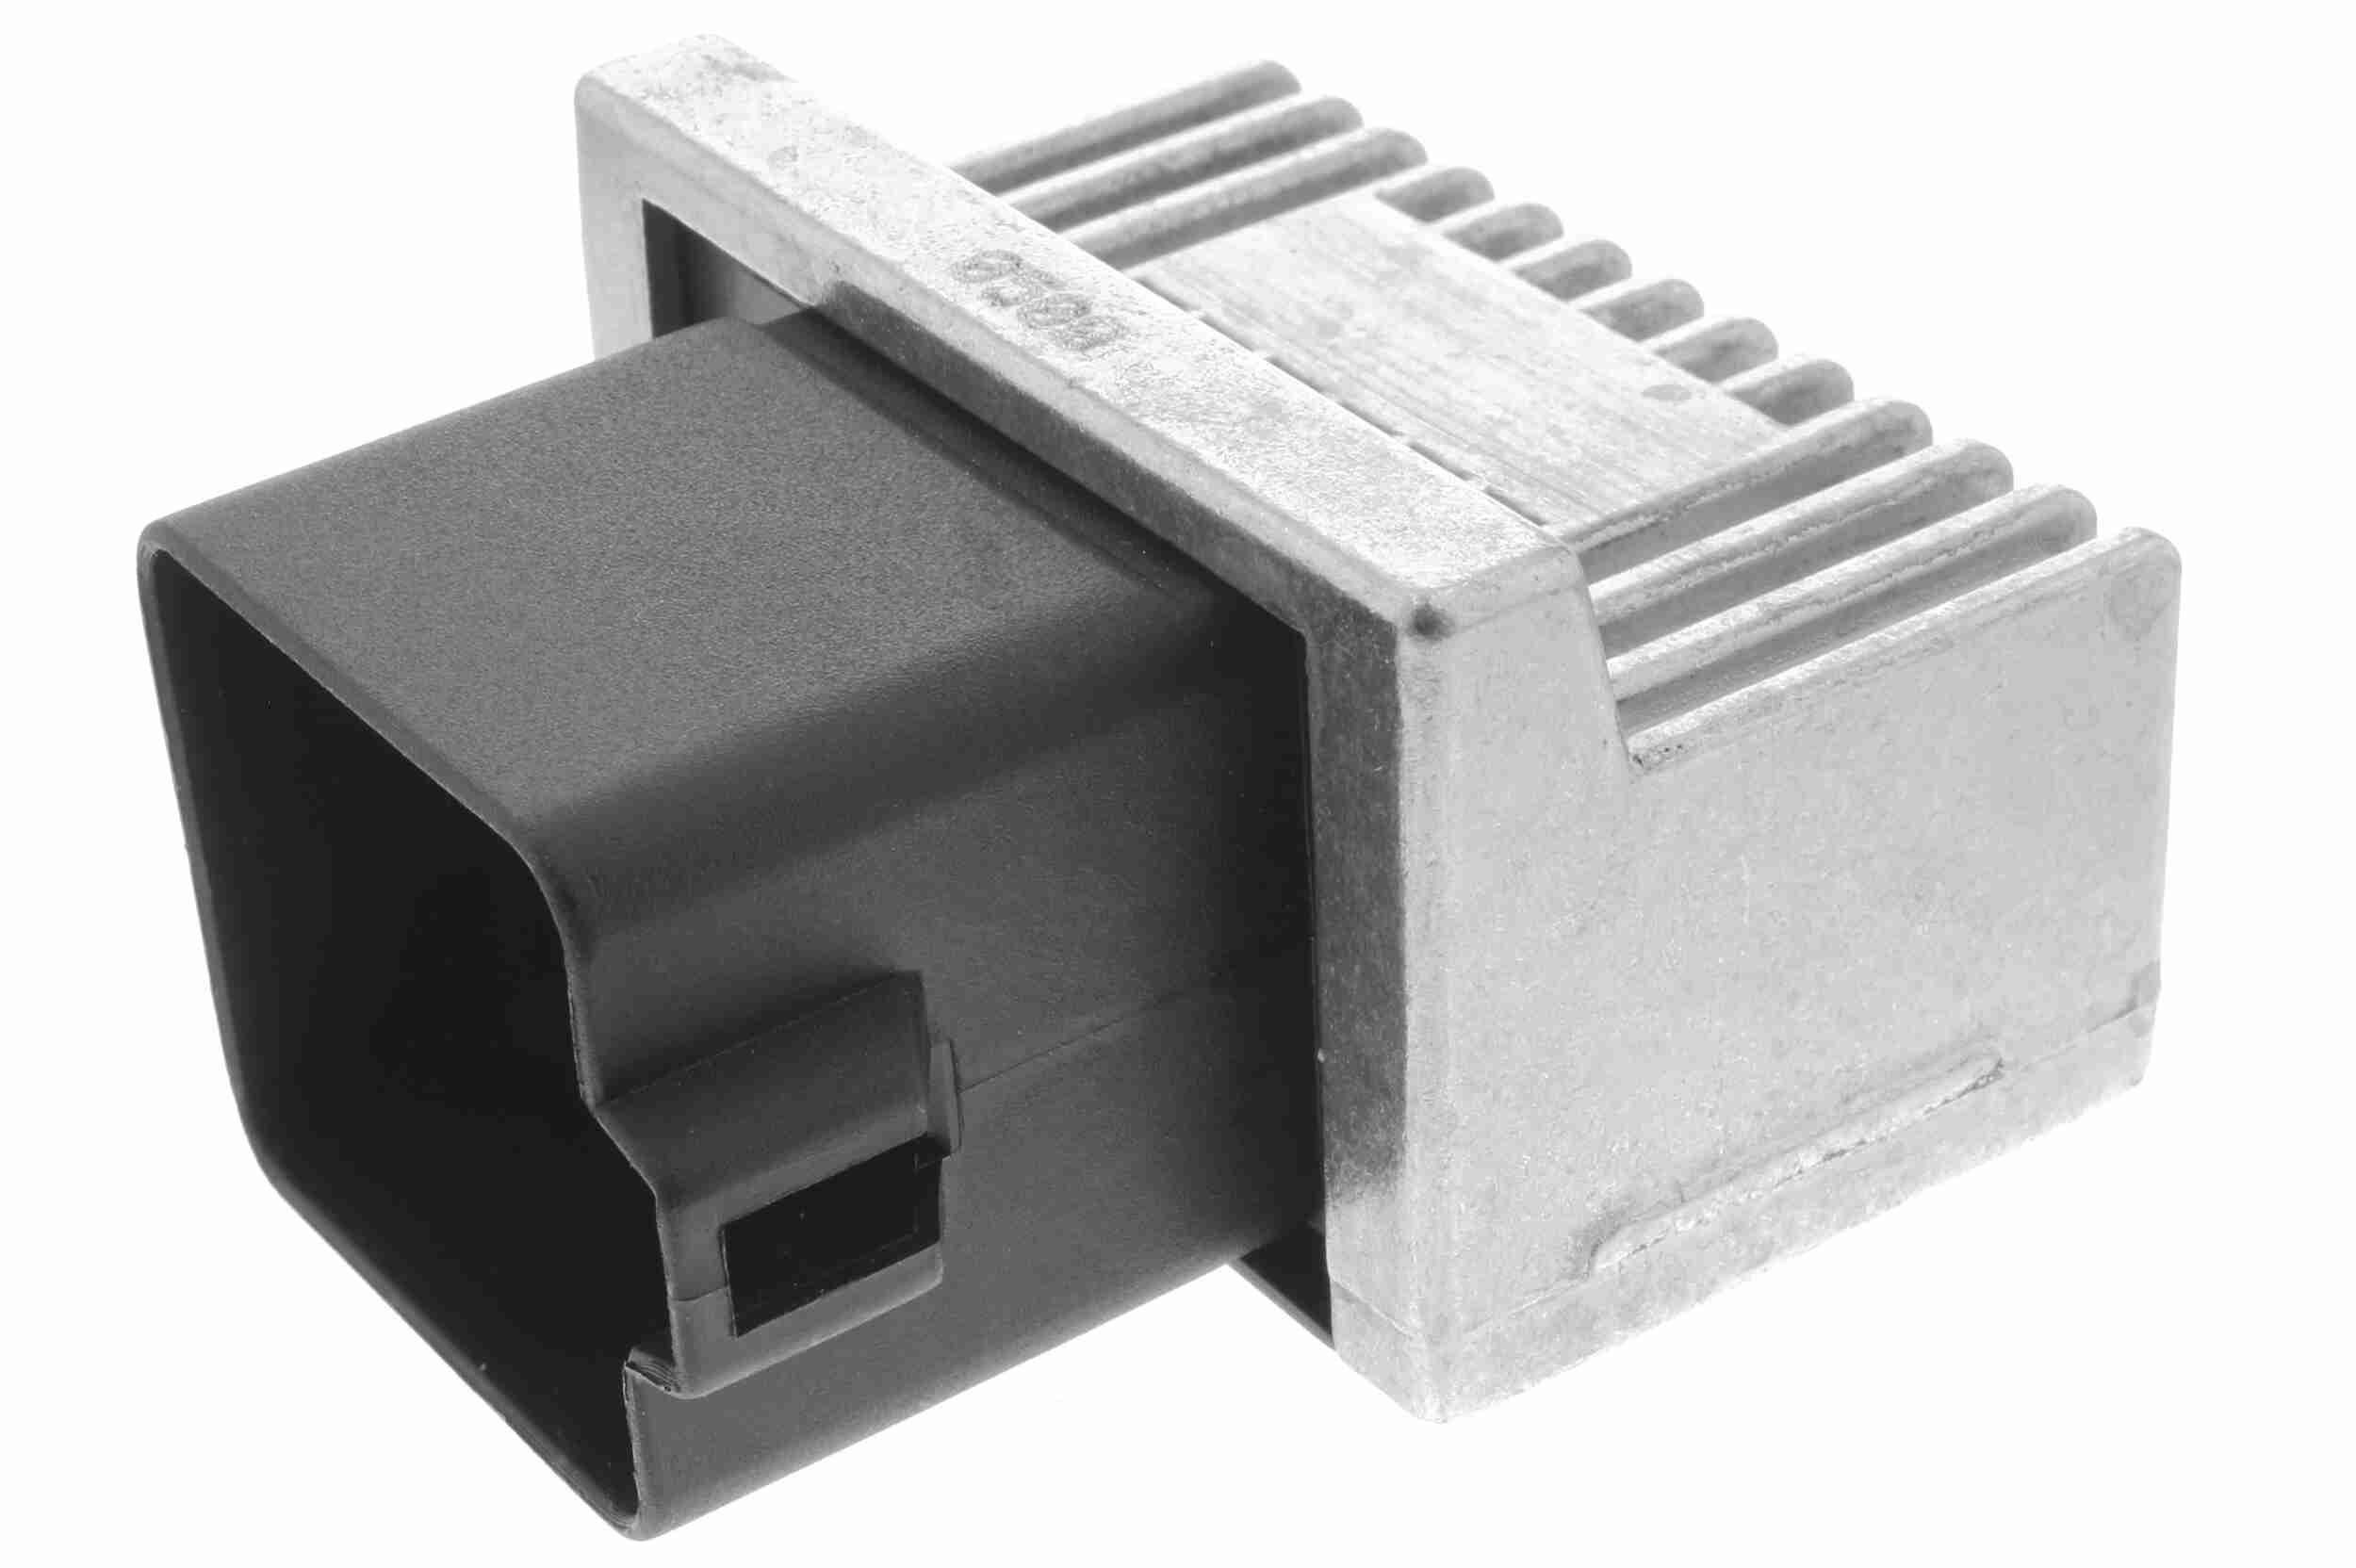 Steuergerät, Glühzeit V46-71-0002 VEMO V46-71-0002 in Original Qualität